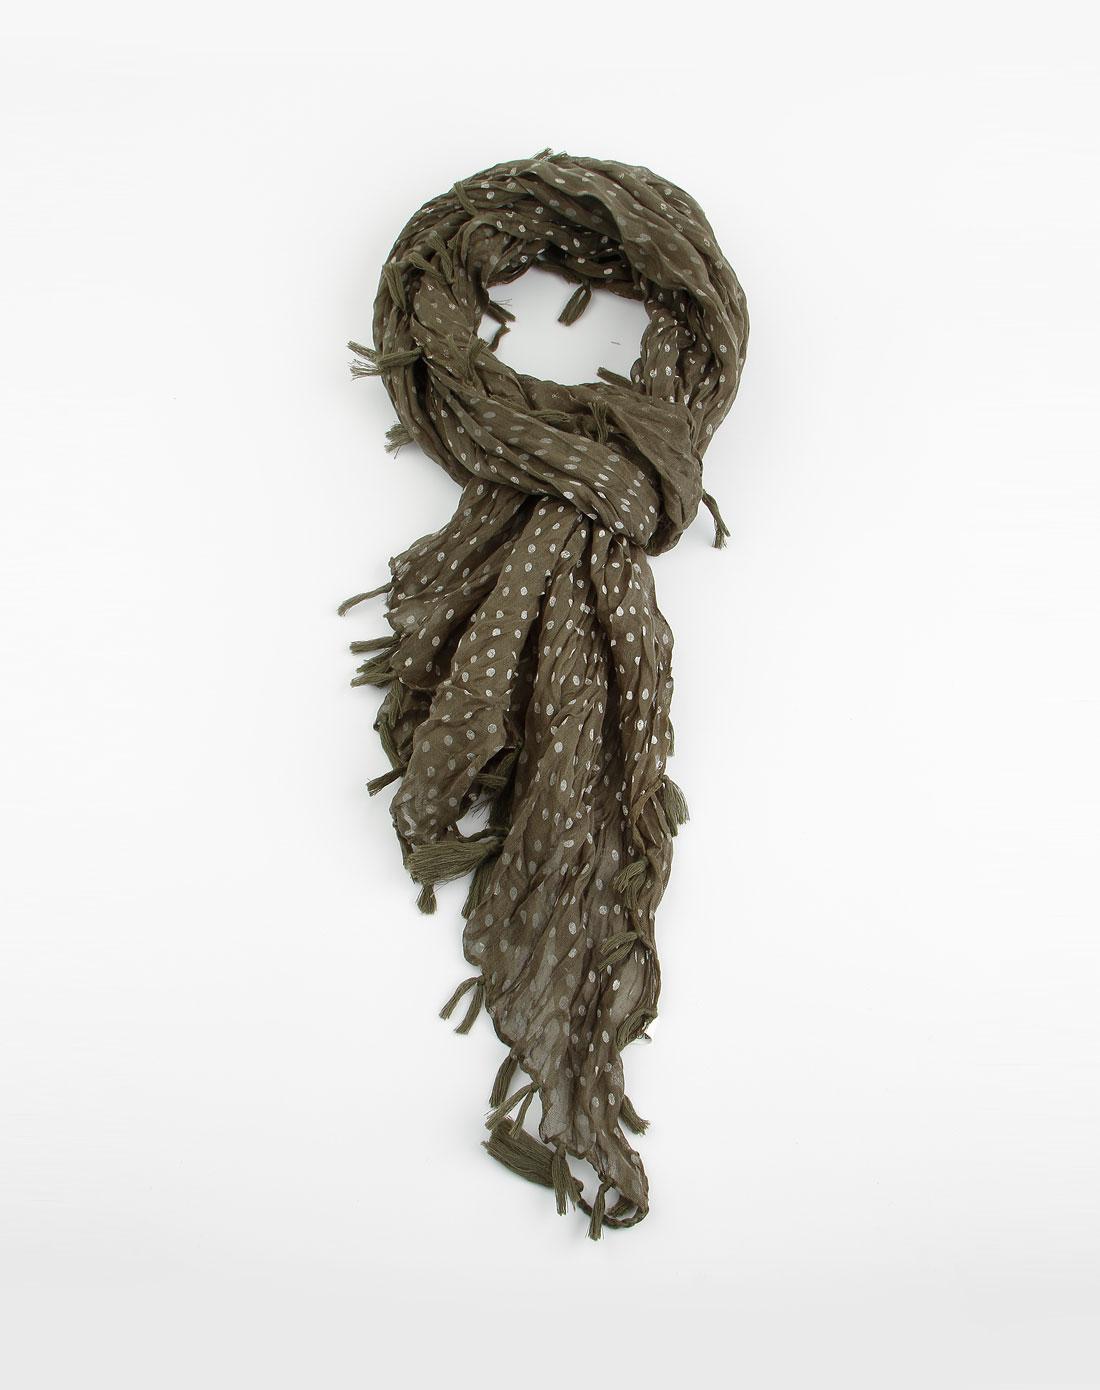 斯密达simida围巾专场墨绿色小圆点复古围巾wj-11207